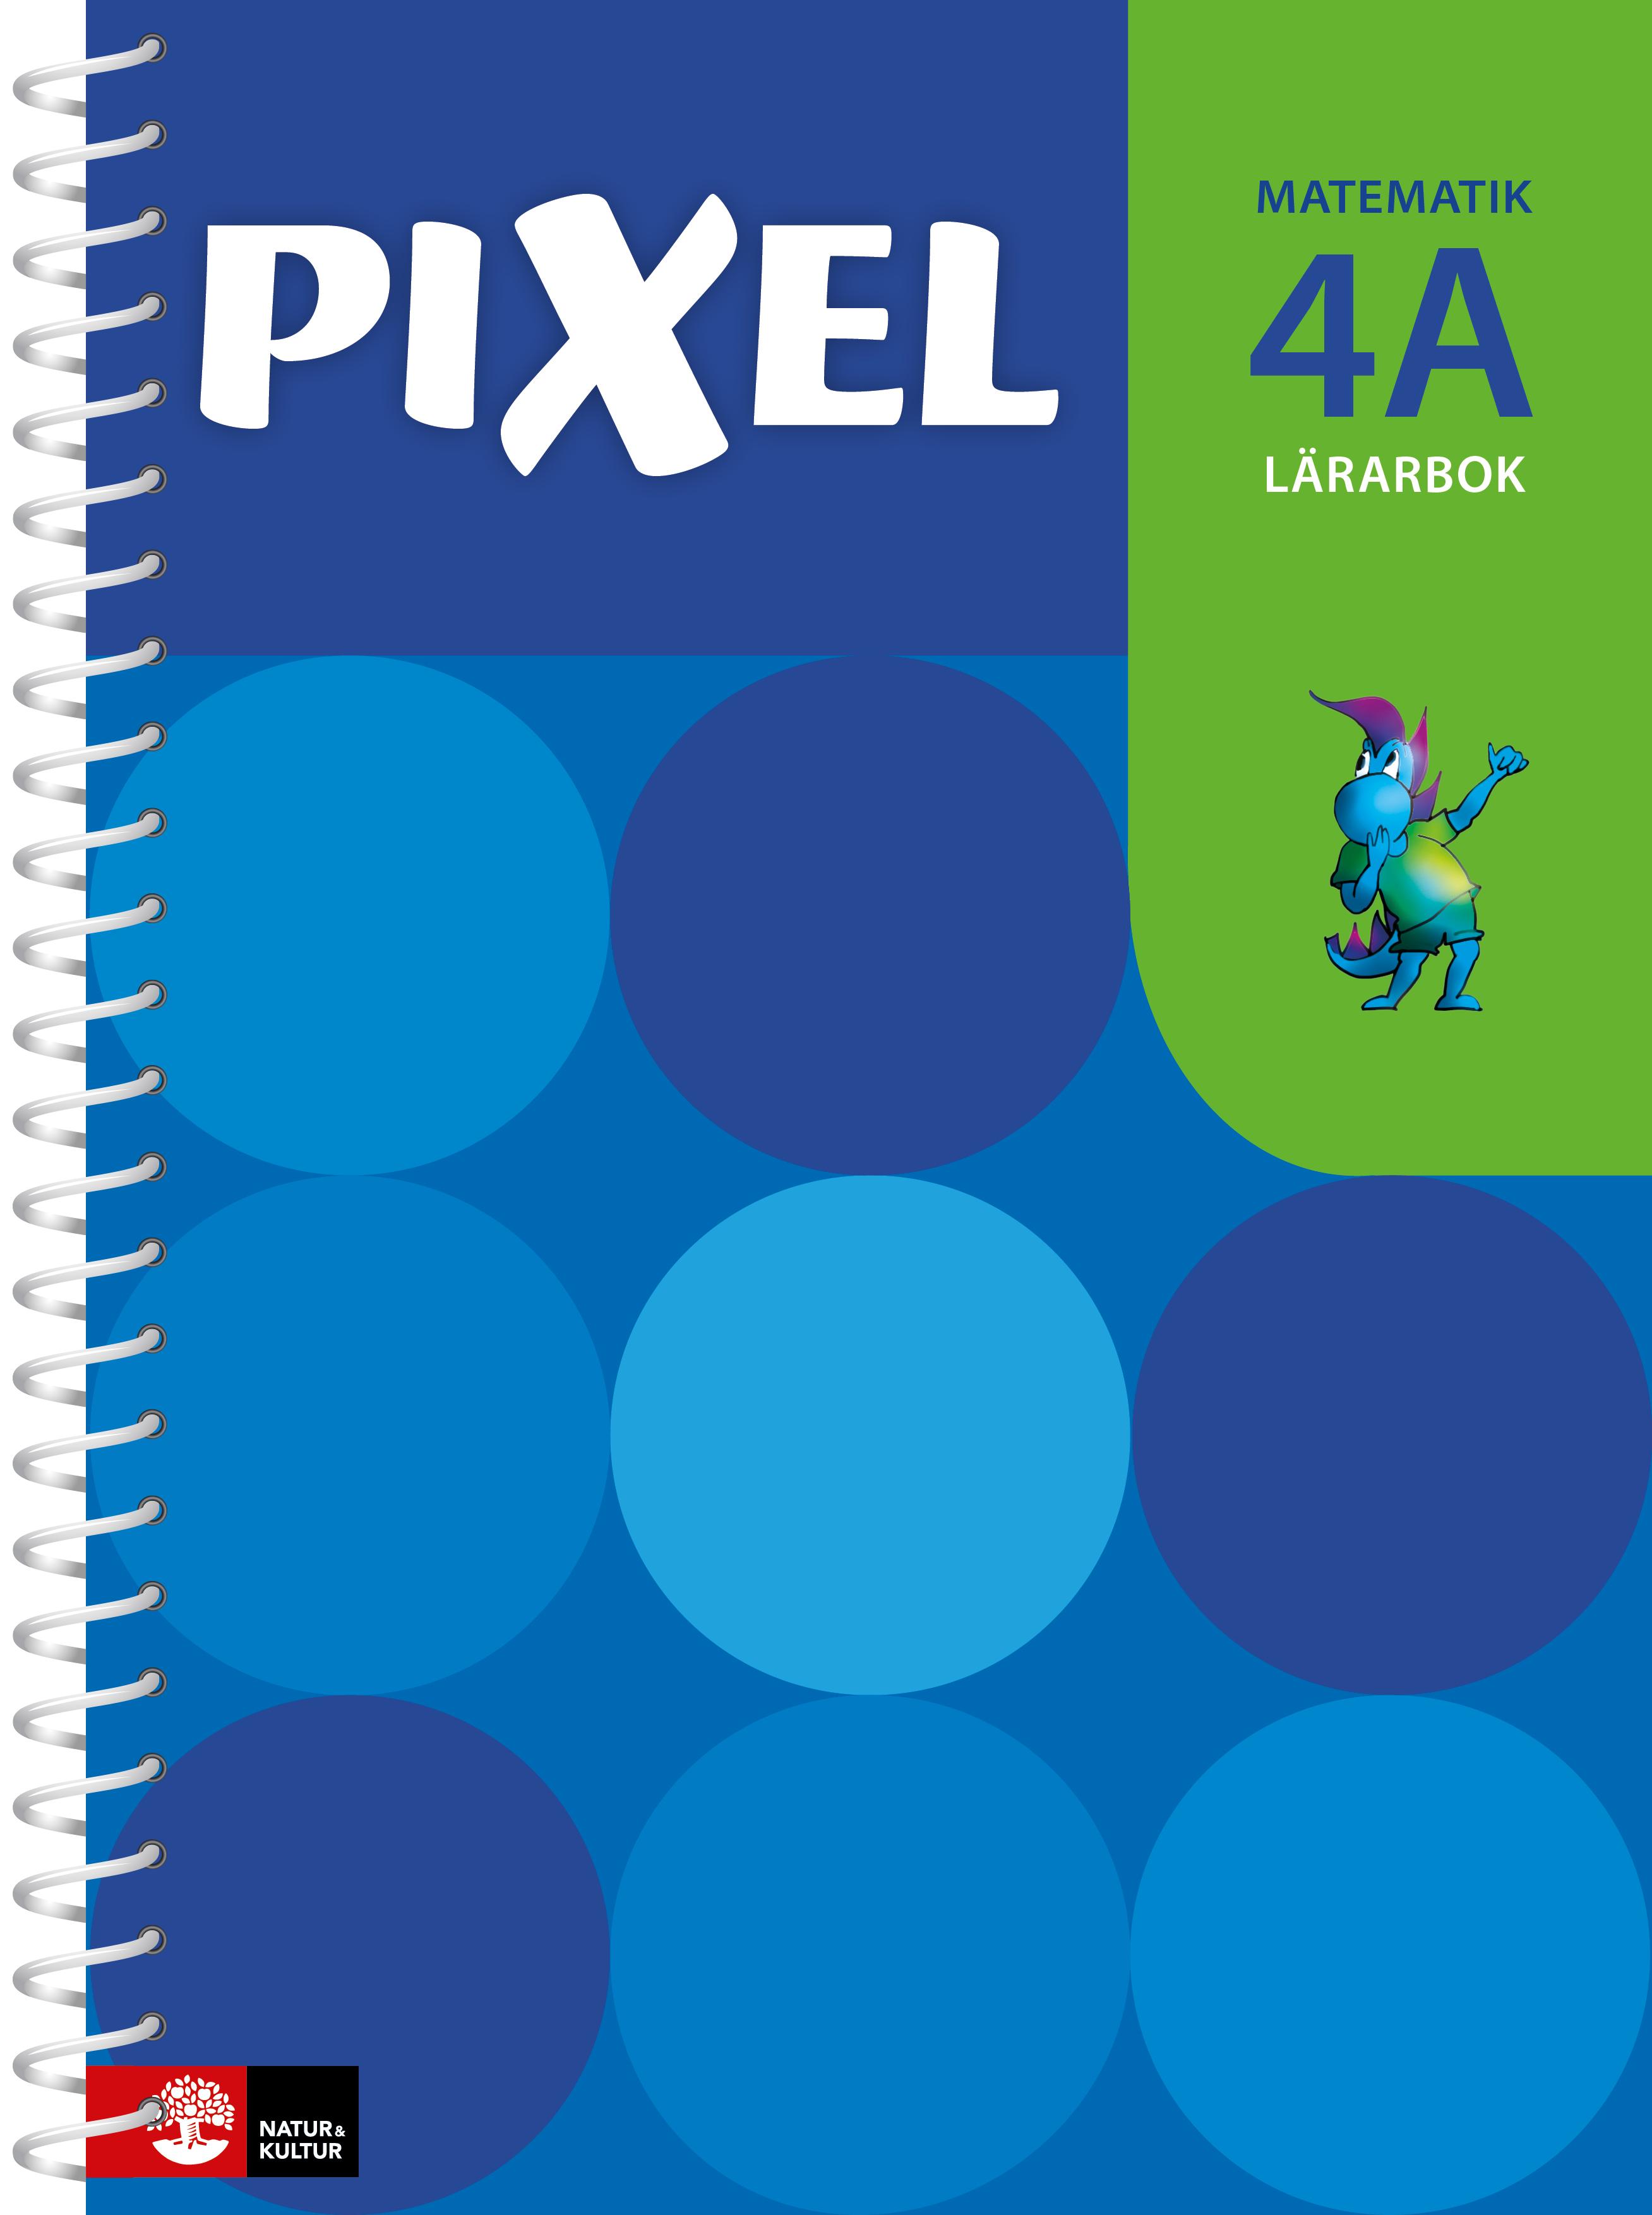 Pixel 4A Lärarbok, andra upplagan